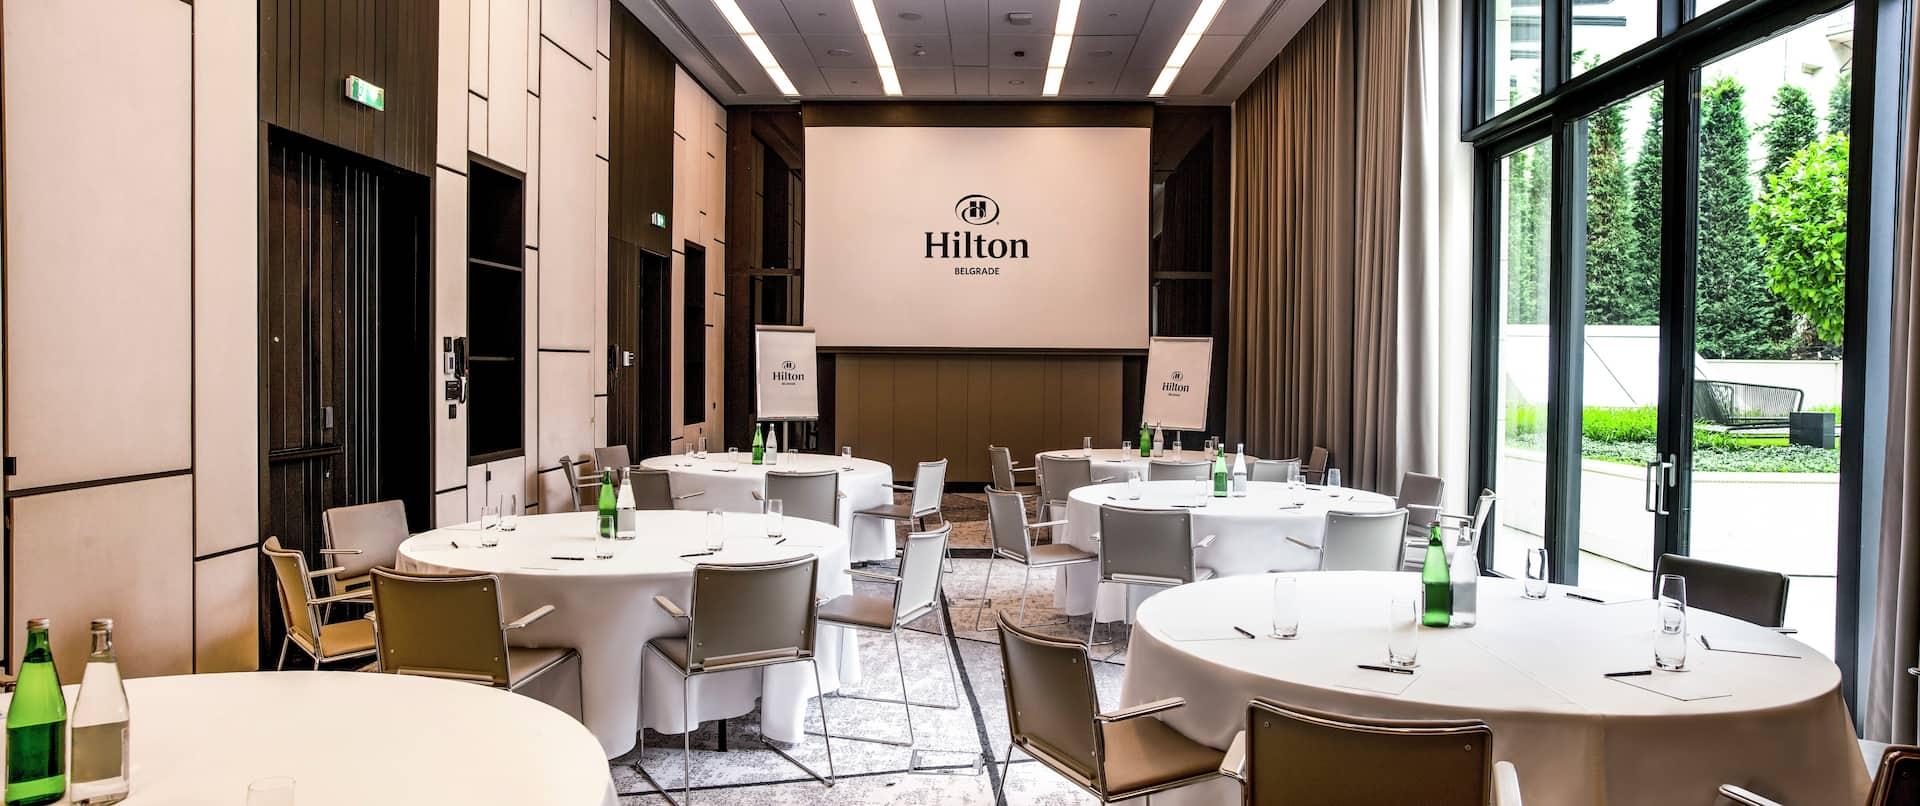 Banqueting - Conference Room 1 - Cabaret set up